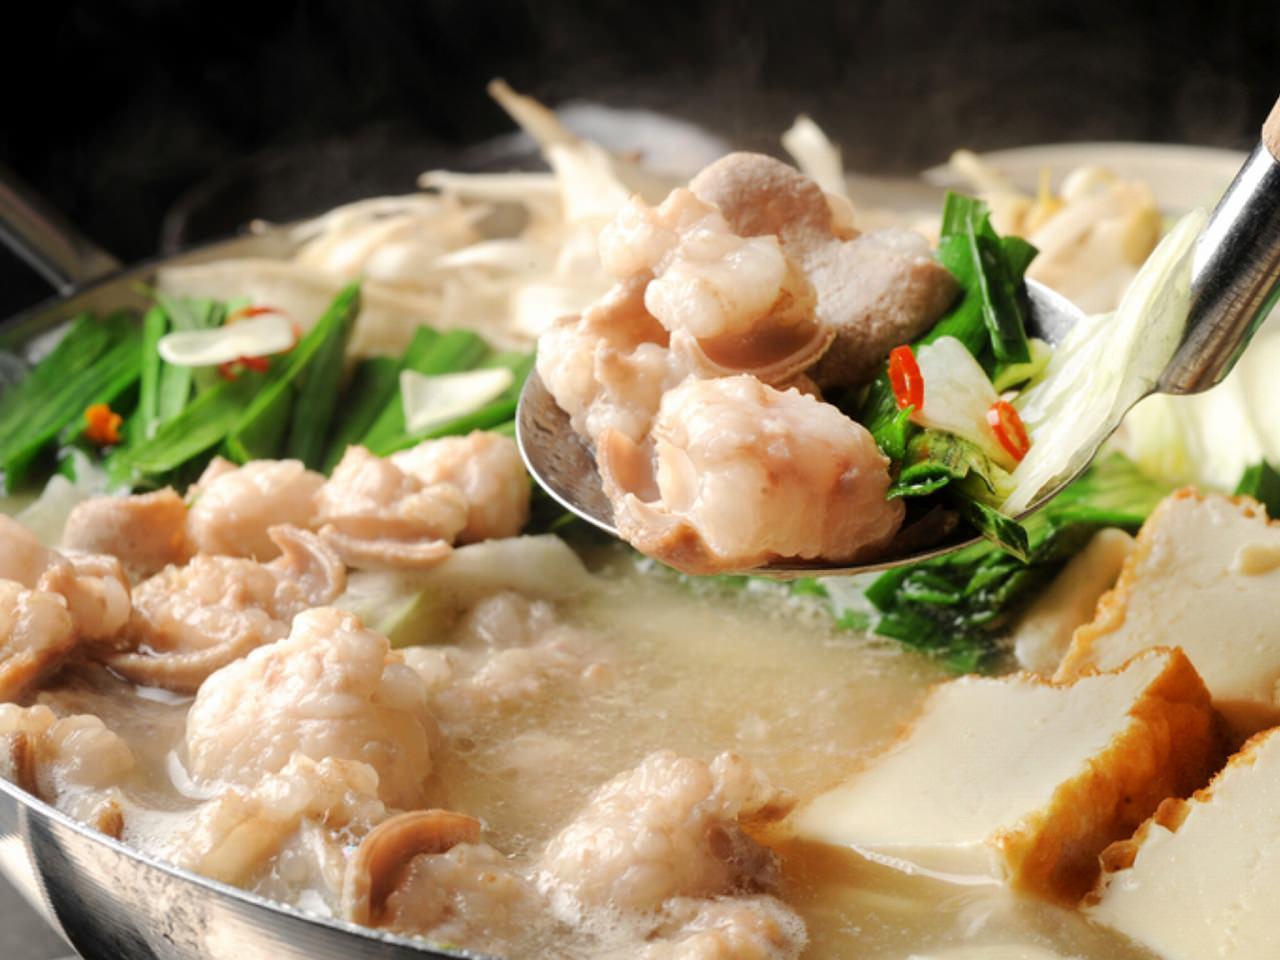 奈良でディナーを食べるならここ!JR奈良駅・近鉄奈良駅周辺のおすすめを紹介